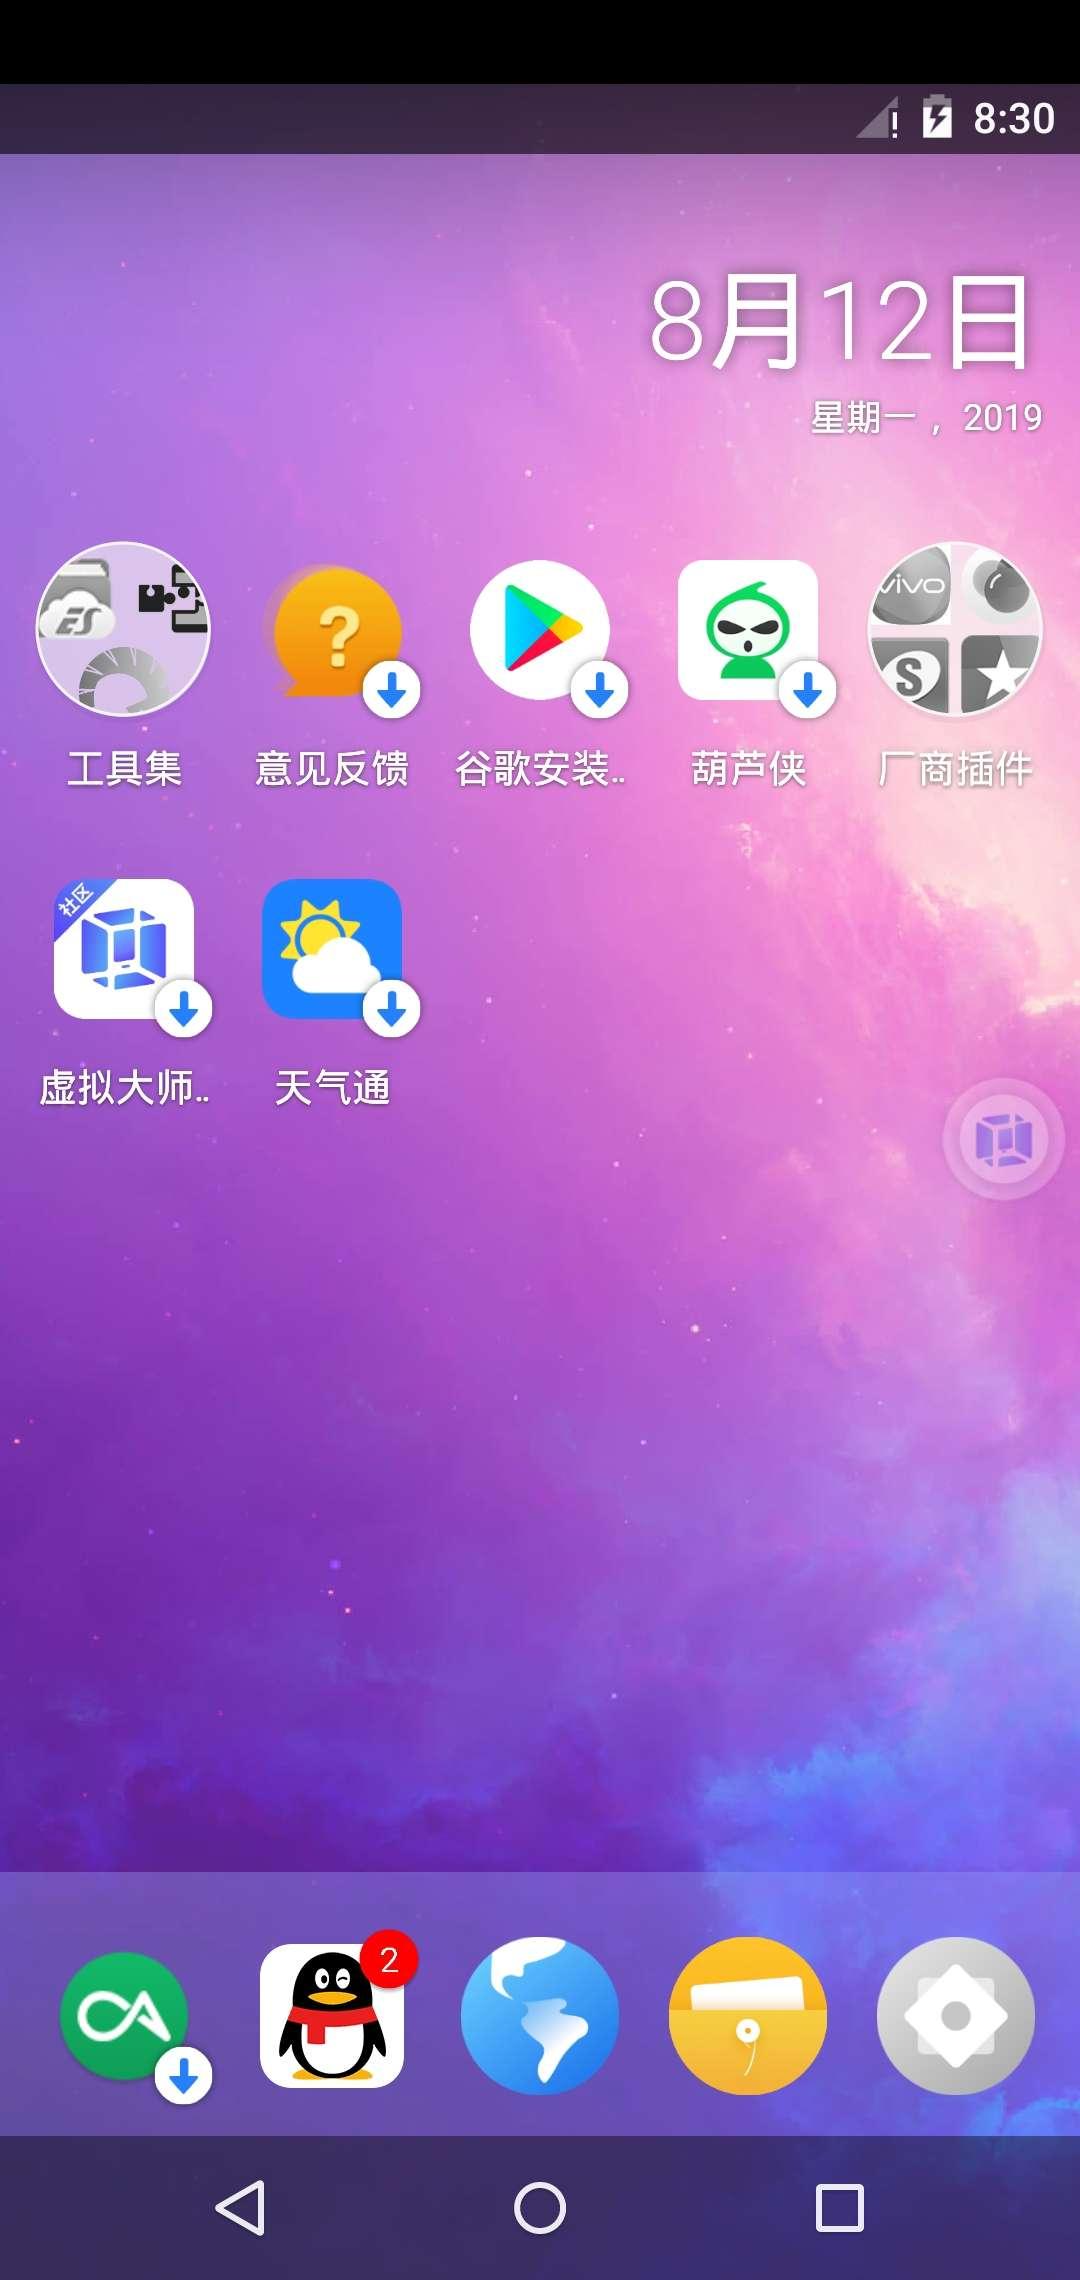 手机上的安卓模拟器—虚拟大师v1.1.09